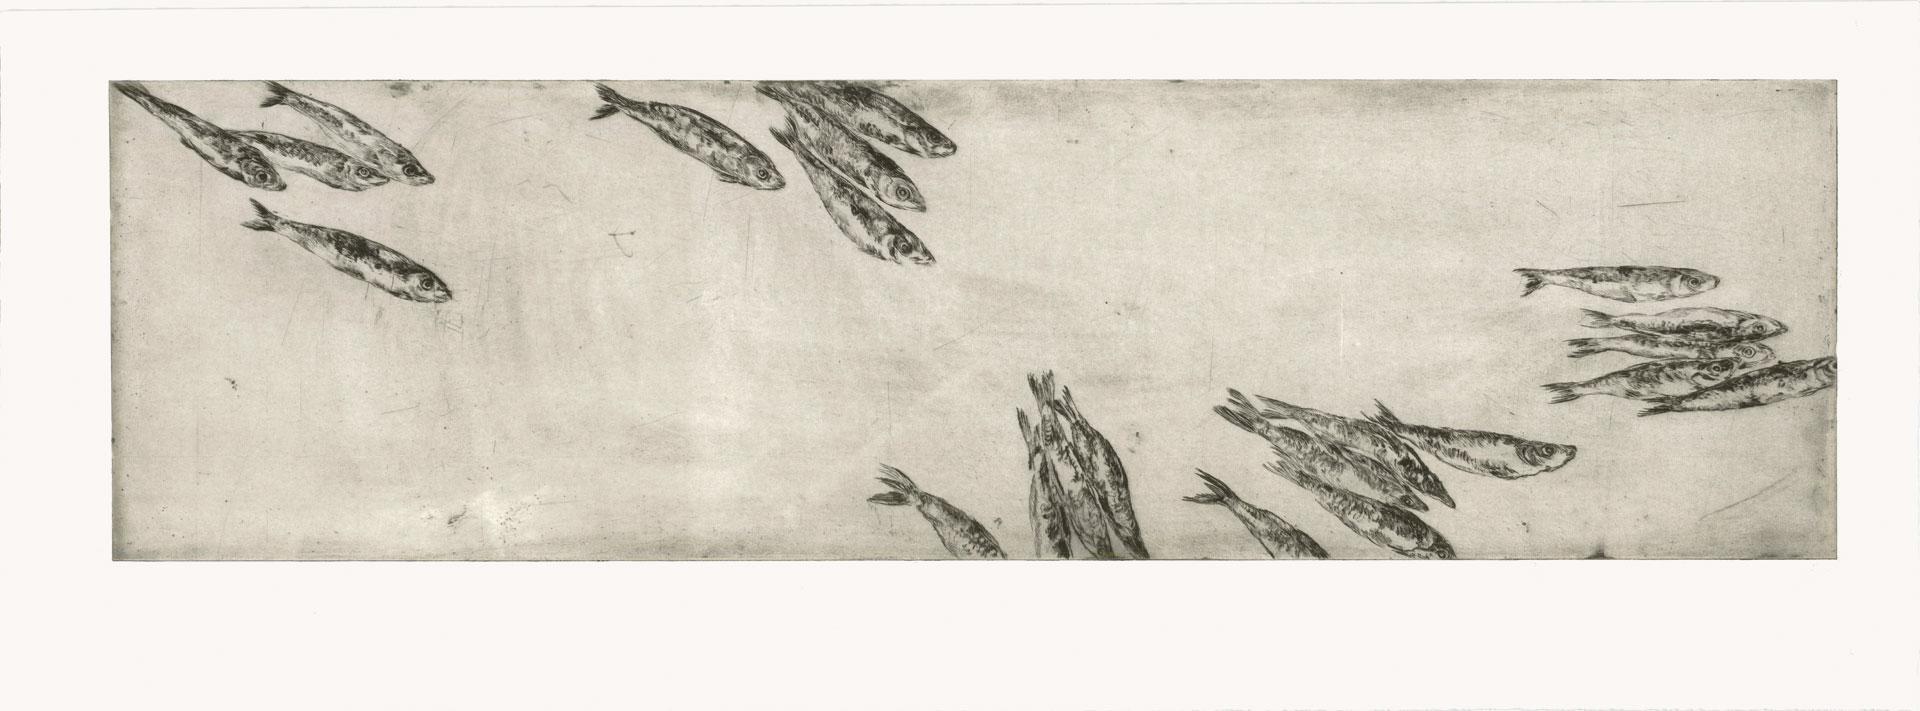 Sardinen, 2012, Kaltnadelradierung, 30 x 100 cm